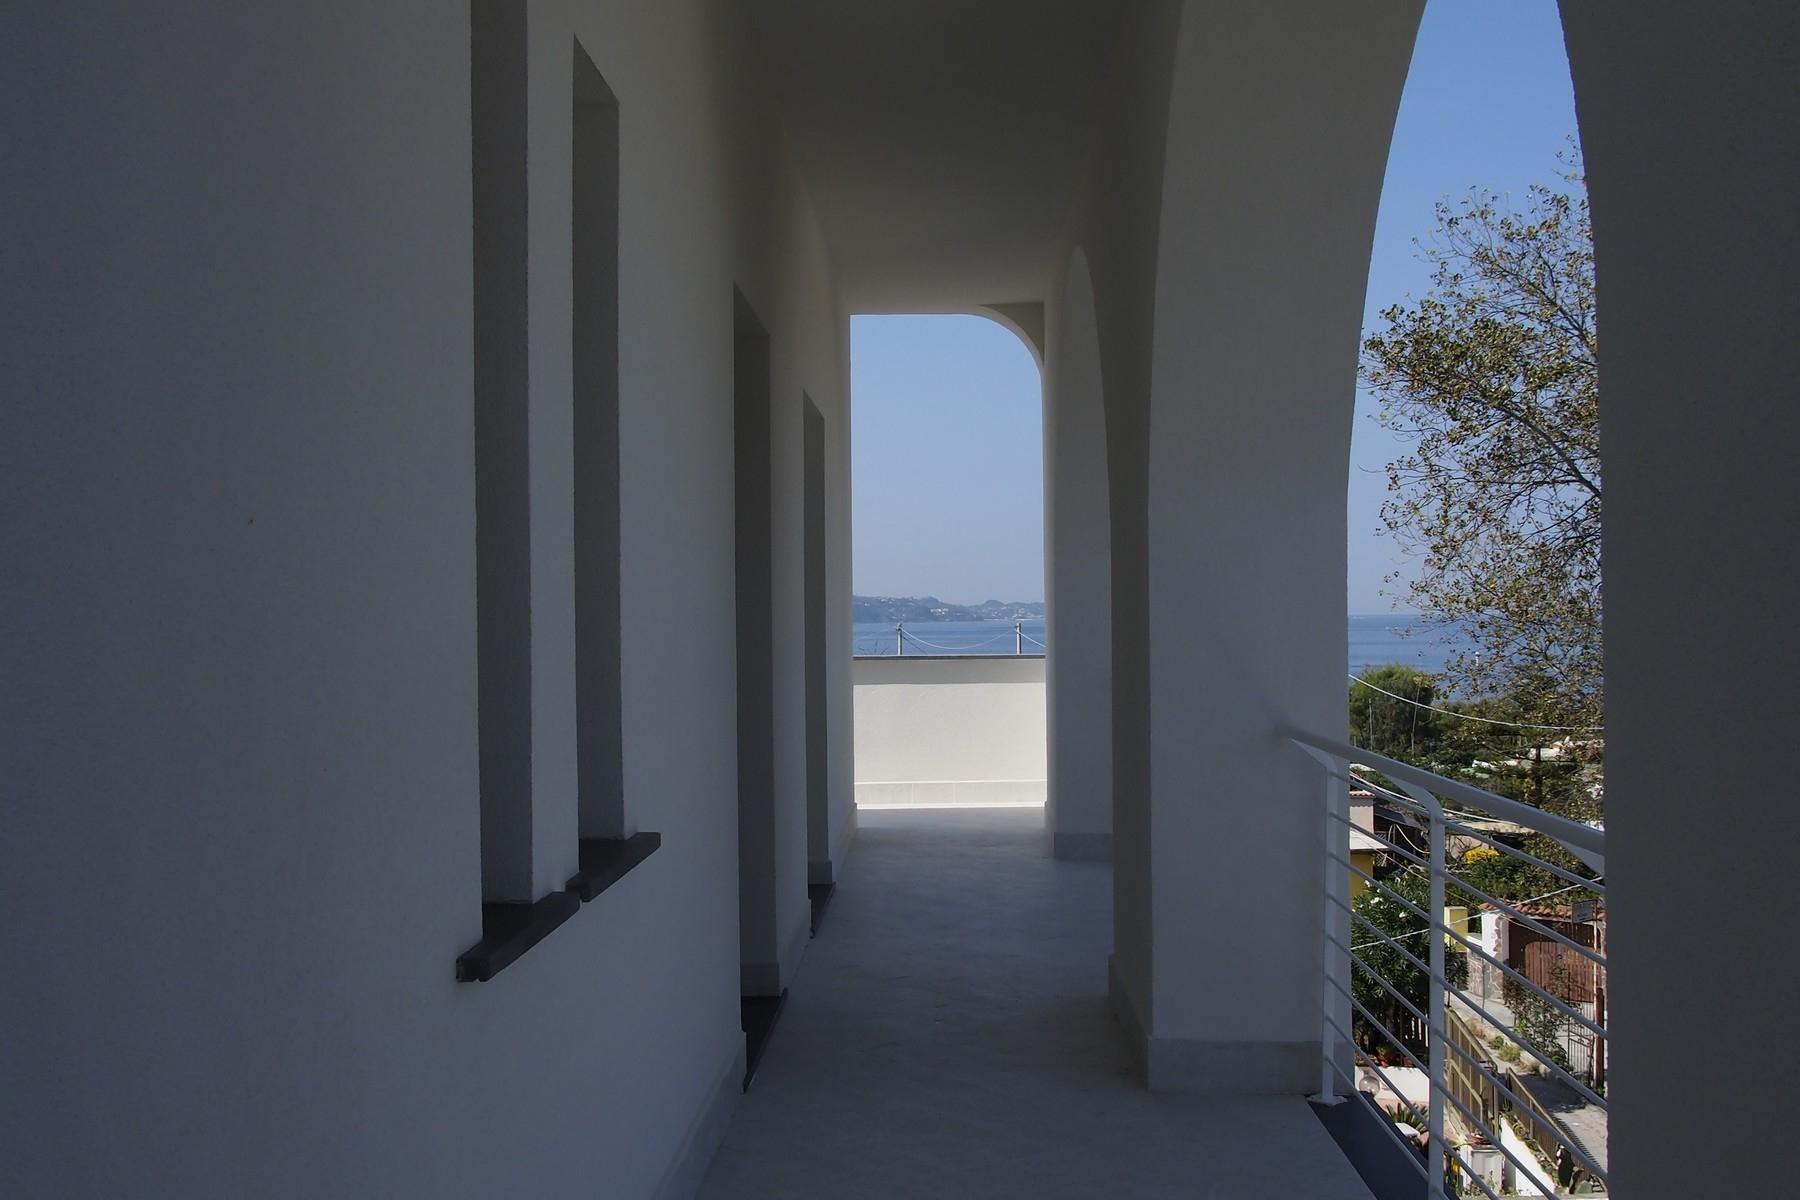 Appartamento in Vendita a Procida: 3 locali, 80 mq - Foto 19